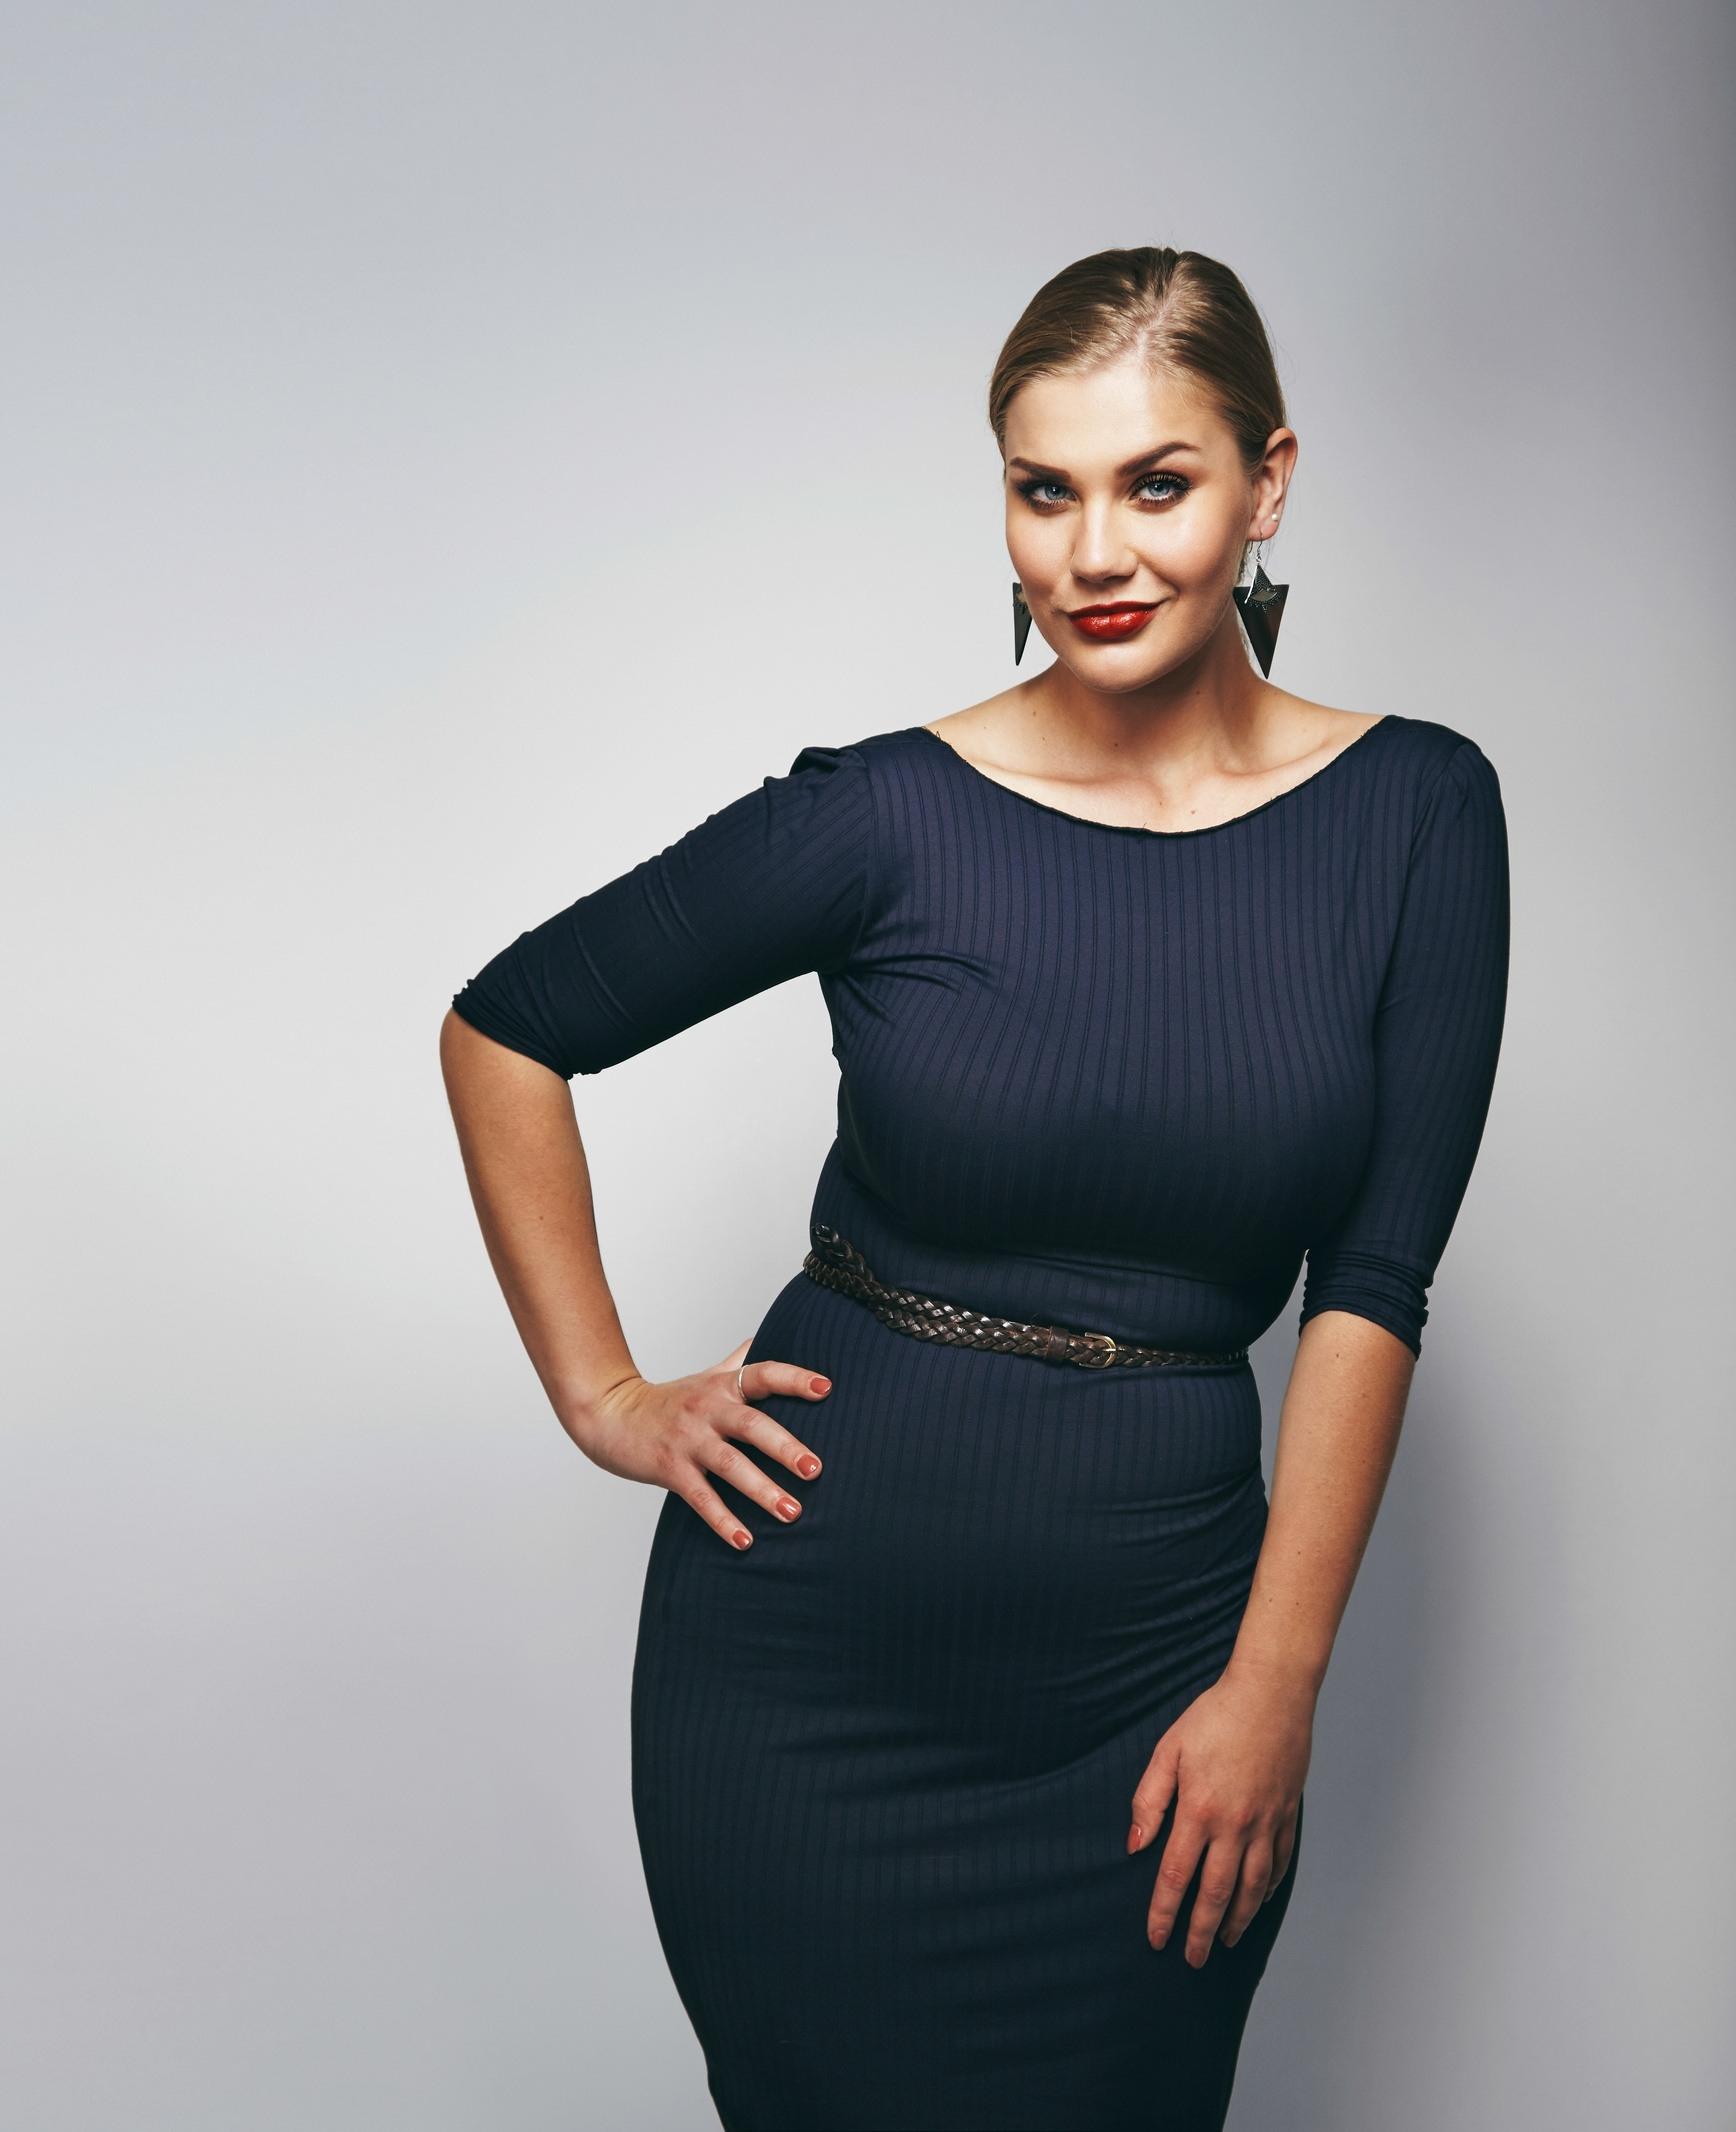 20 Coolste Winterkleider Frauen BoutiqueFormal Erstaunlich Winterkleider Frauen Spezialgebiet